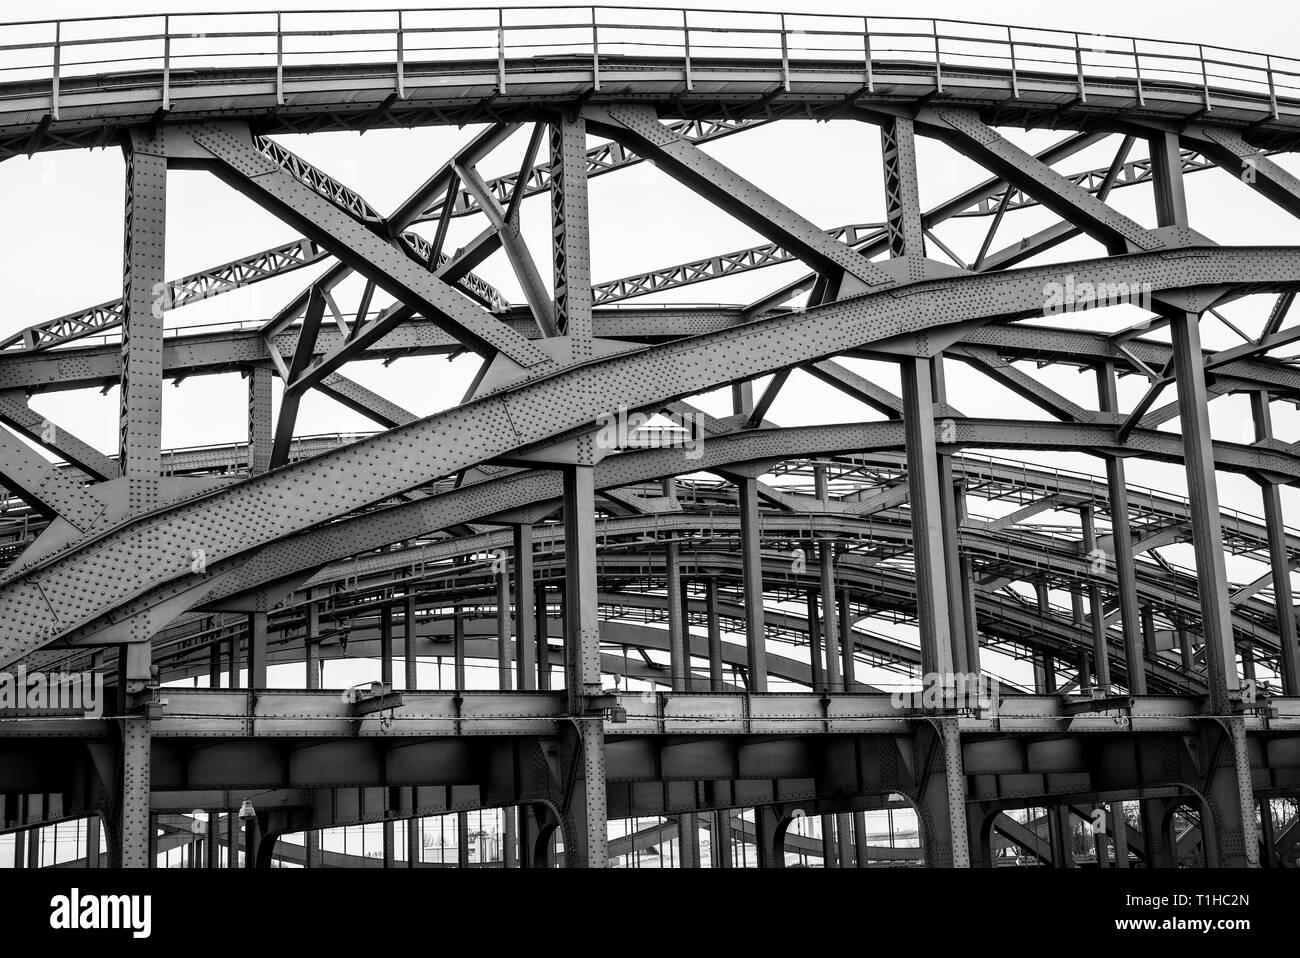 Elbbrücken in Hamburg, Deutschland - Stock Image